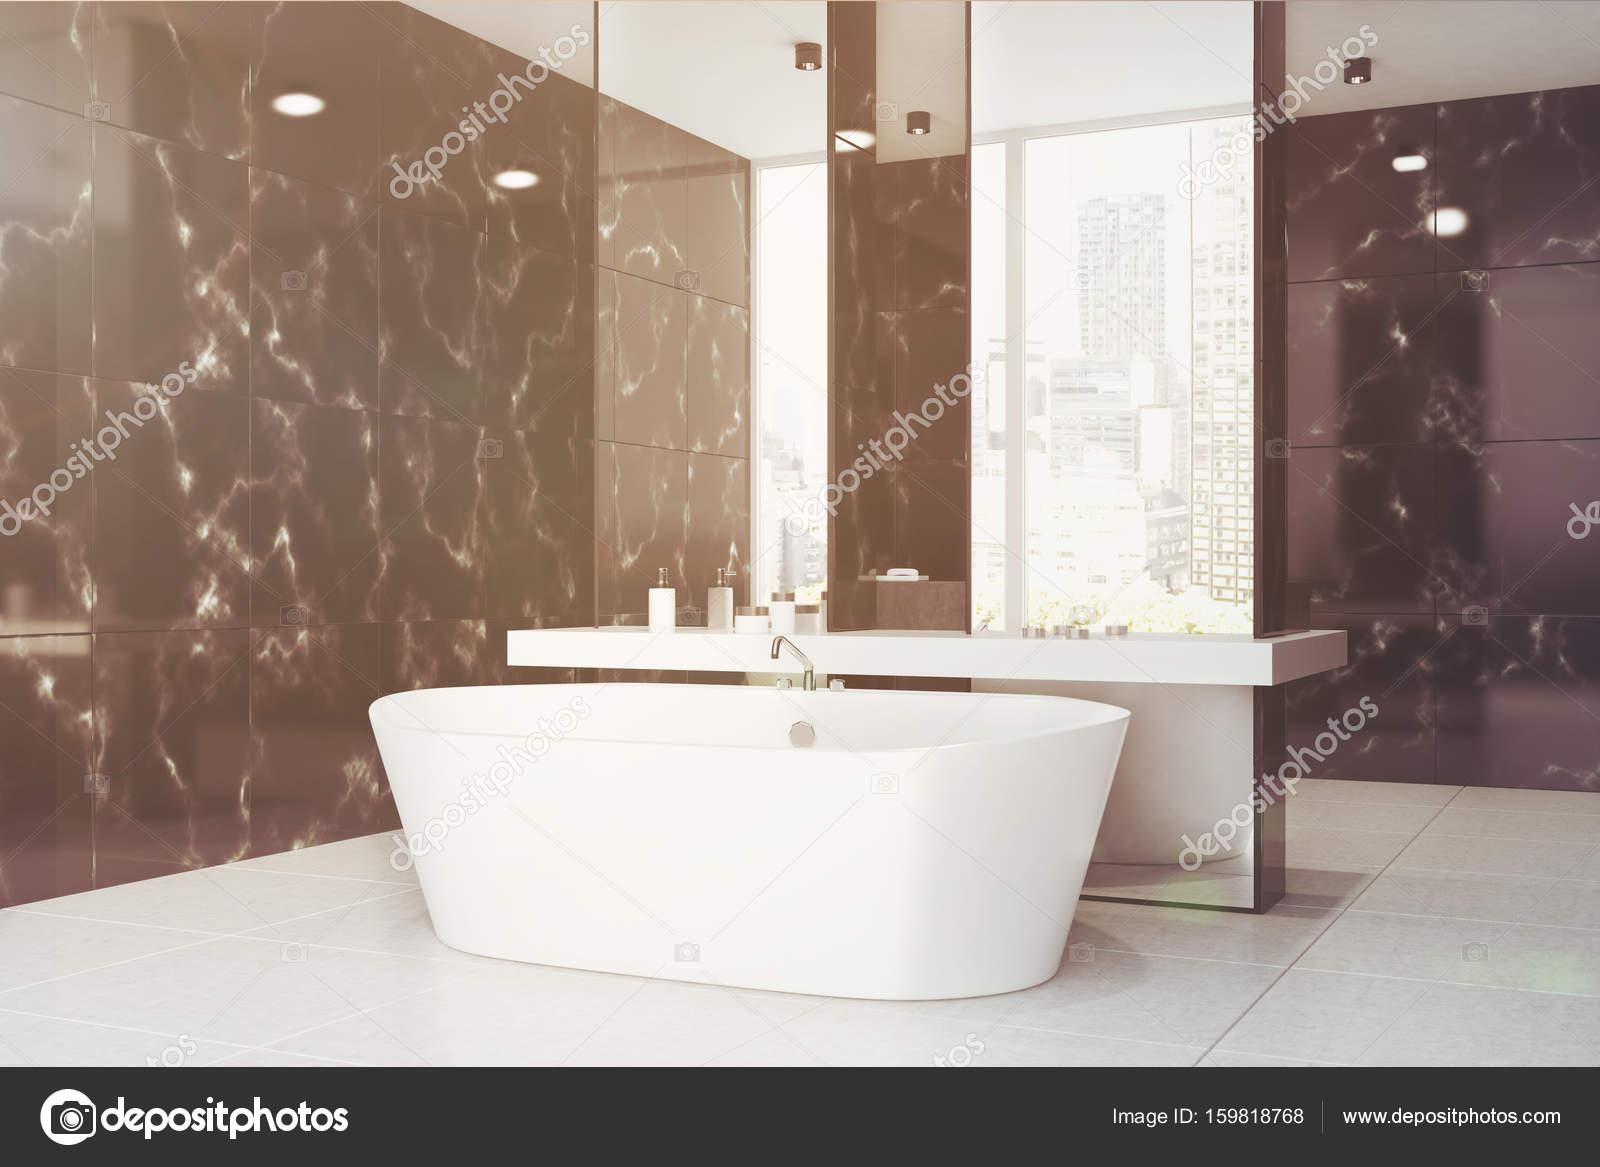 Bagni In Marmo Nero : Nero bagno in marmo lavandino vasca lato tonico u2014 foto stock